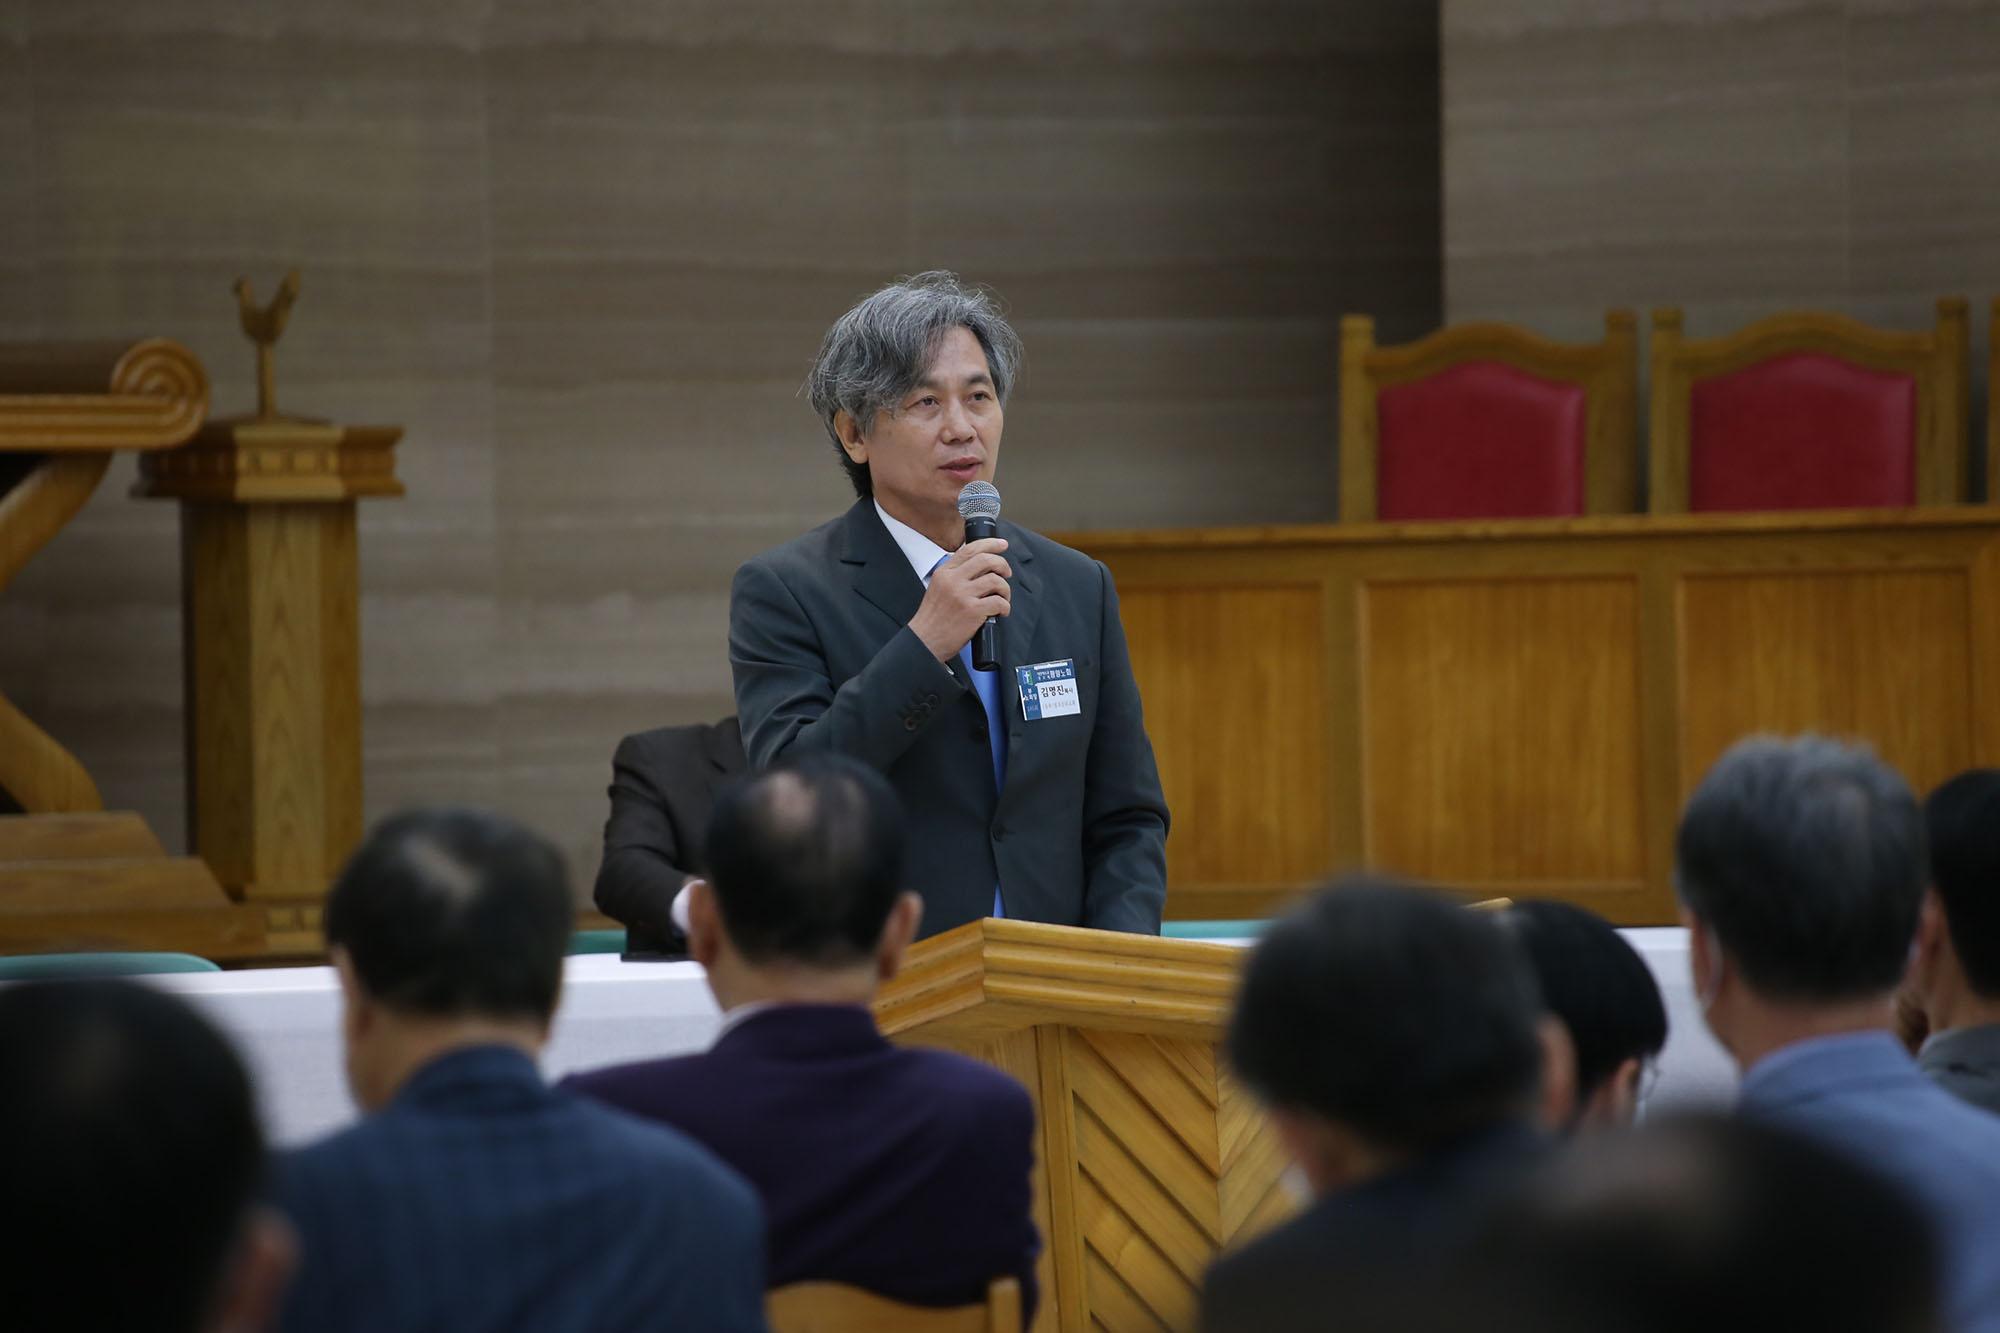 평양노회에 참석한 빛과진리교회 김명진 목사